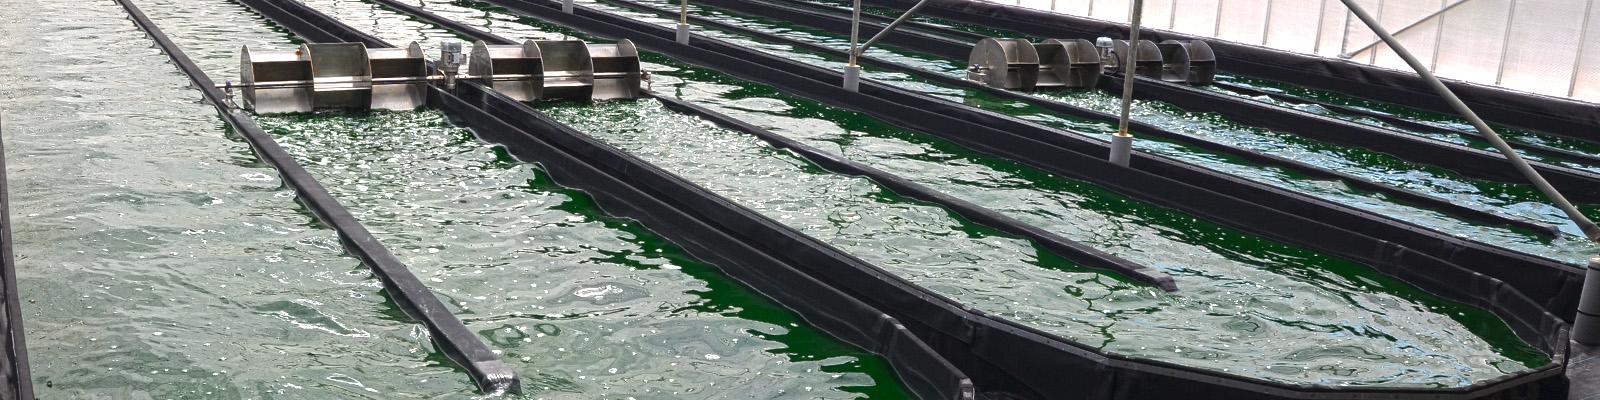 Bassins de production sous serre